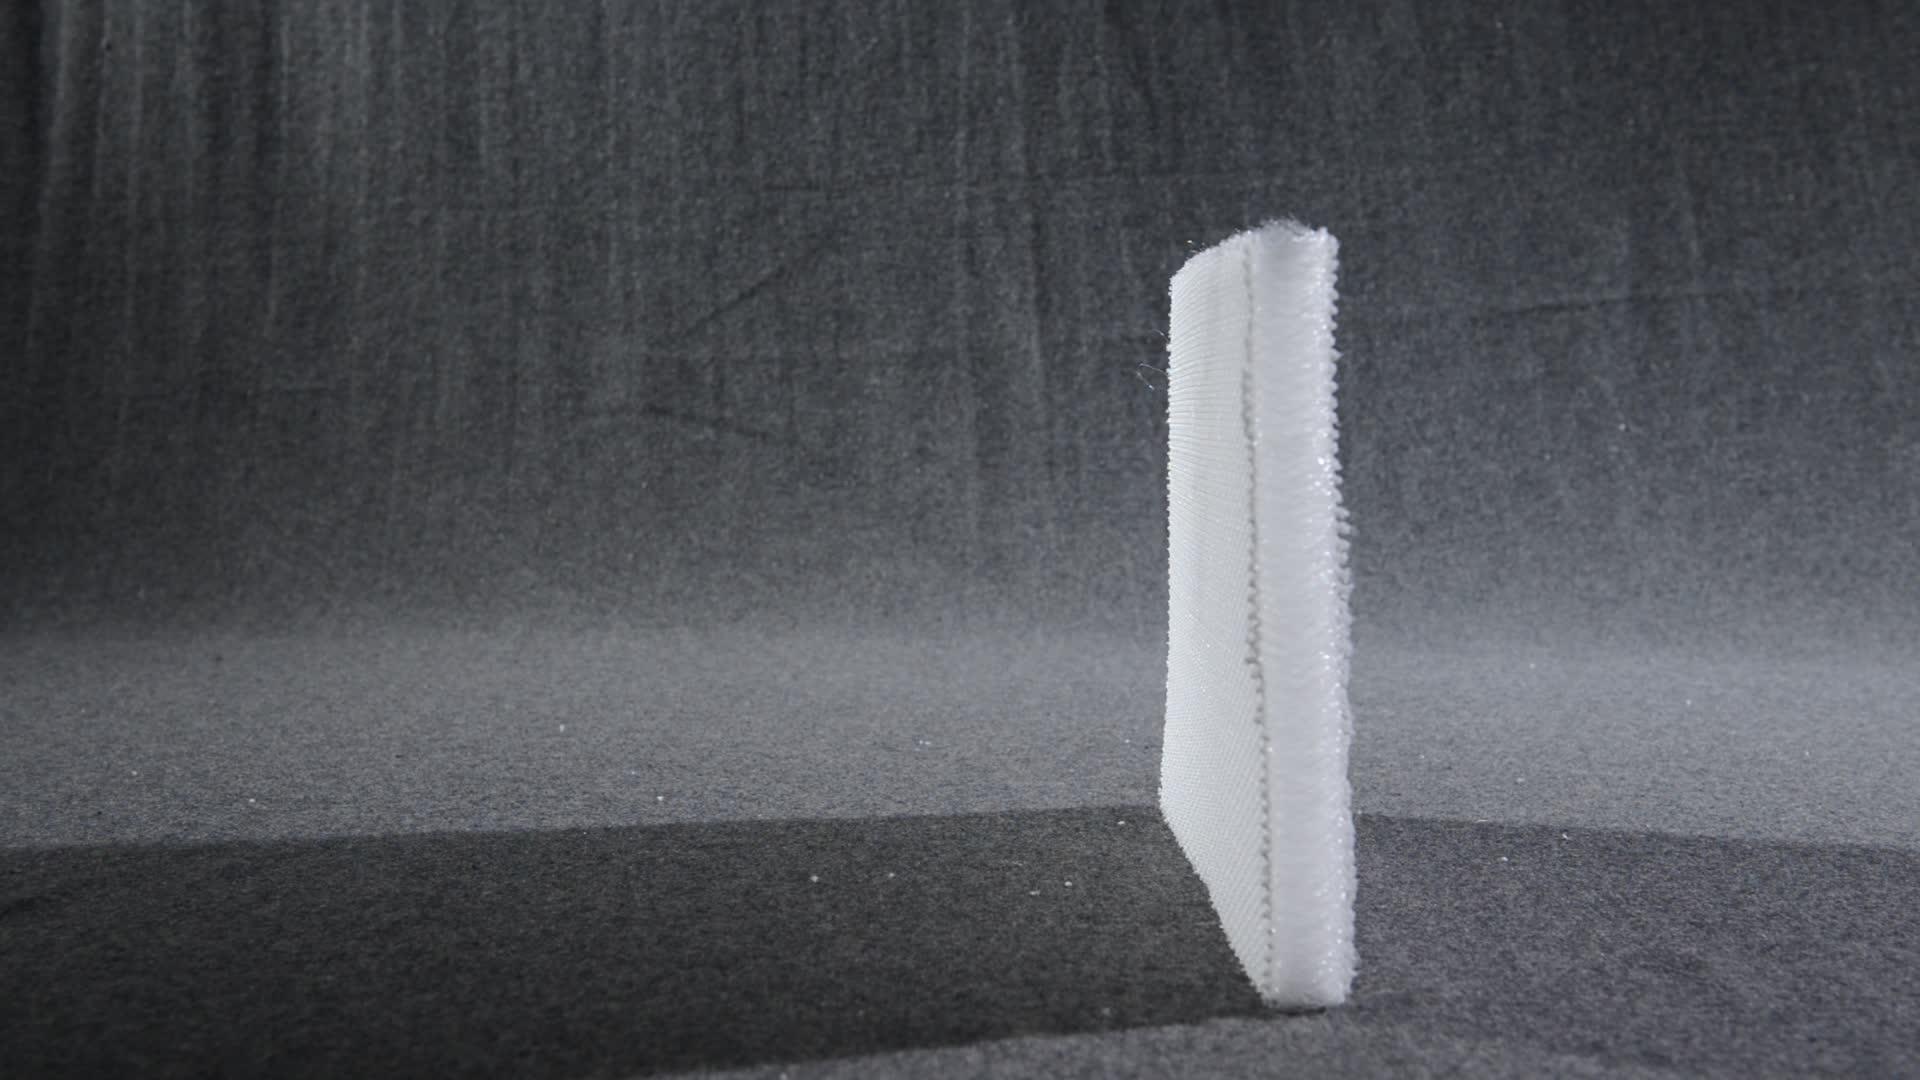 エコテックス認証洗える 3D エアメッシュ生地ベビーカーライナーベビーカークッション